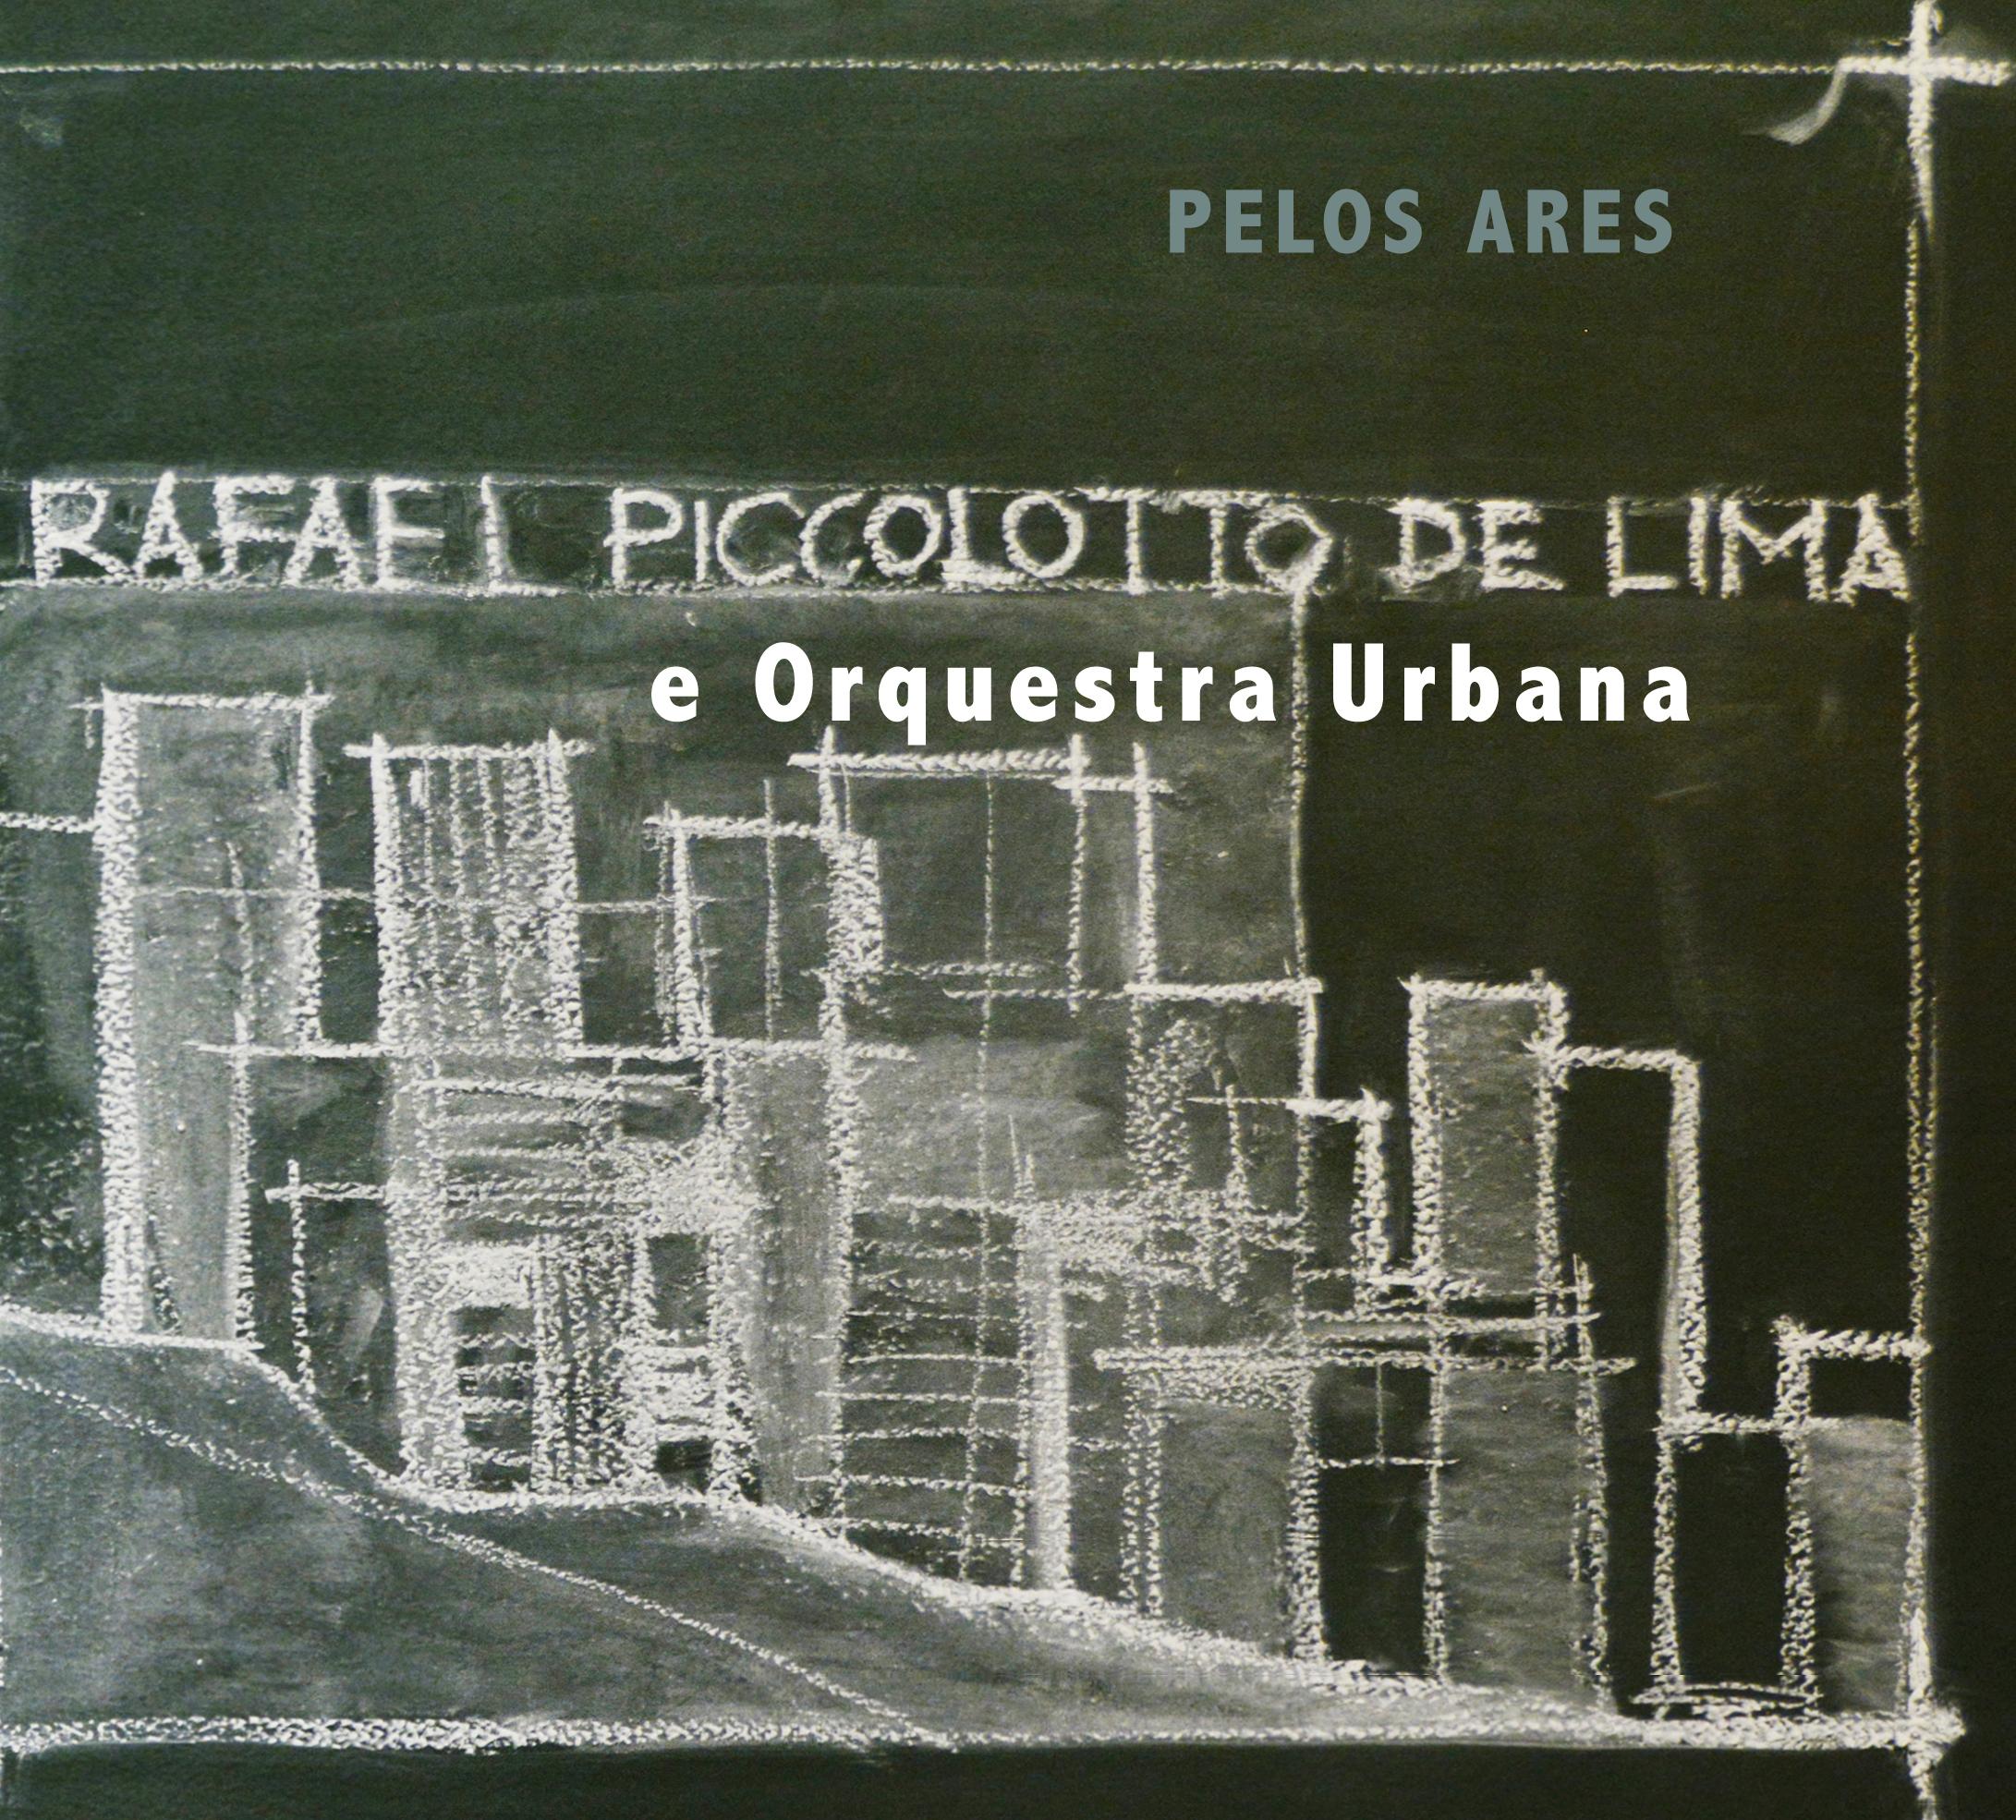 Pelos Ares  (Brazil, 2016)  Rafael Piccolotto de Lima and Orquestra Urbana